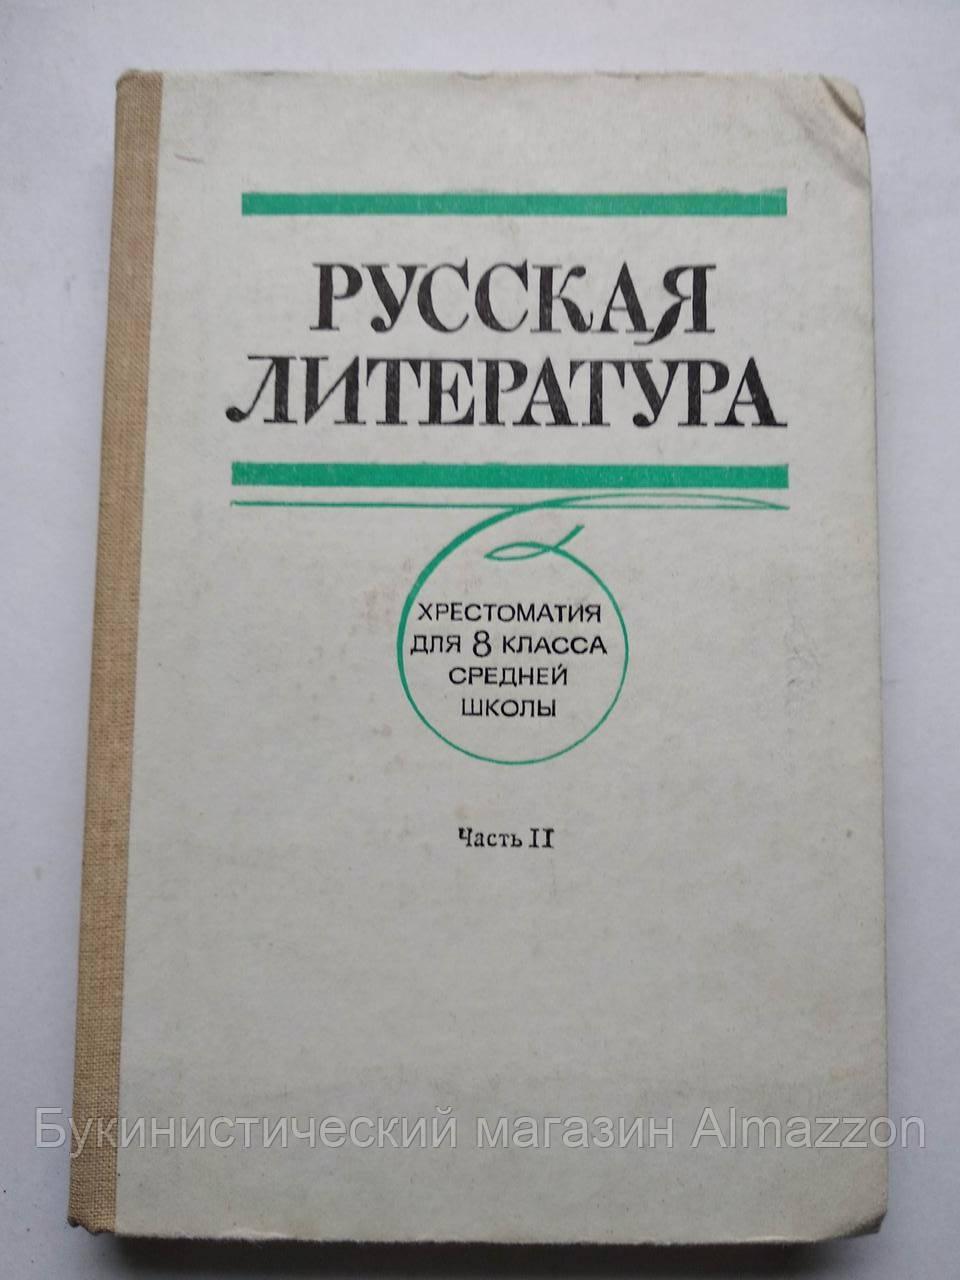 Русская литература. Хрестоматия для 8-го класса. Часть вторая. Т.П.Казымова